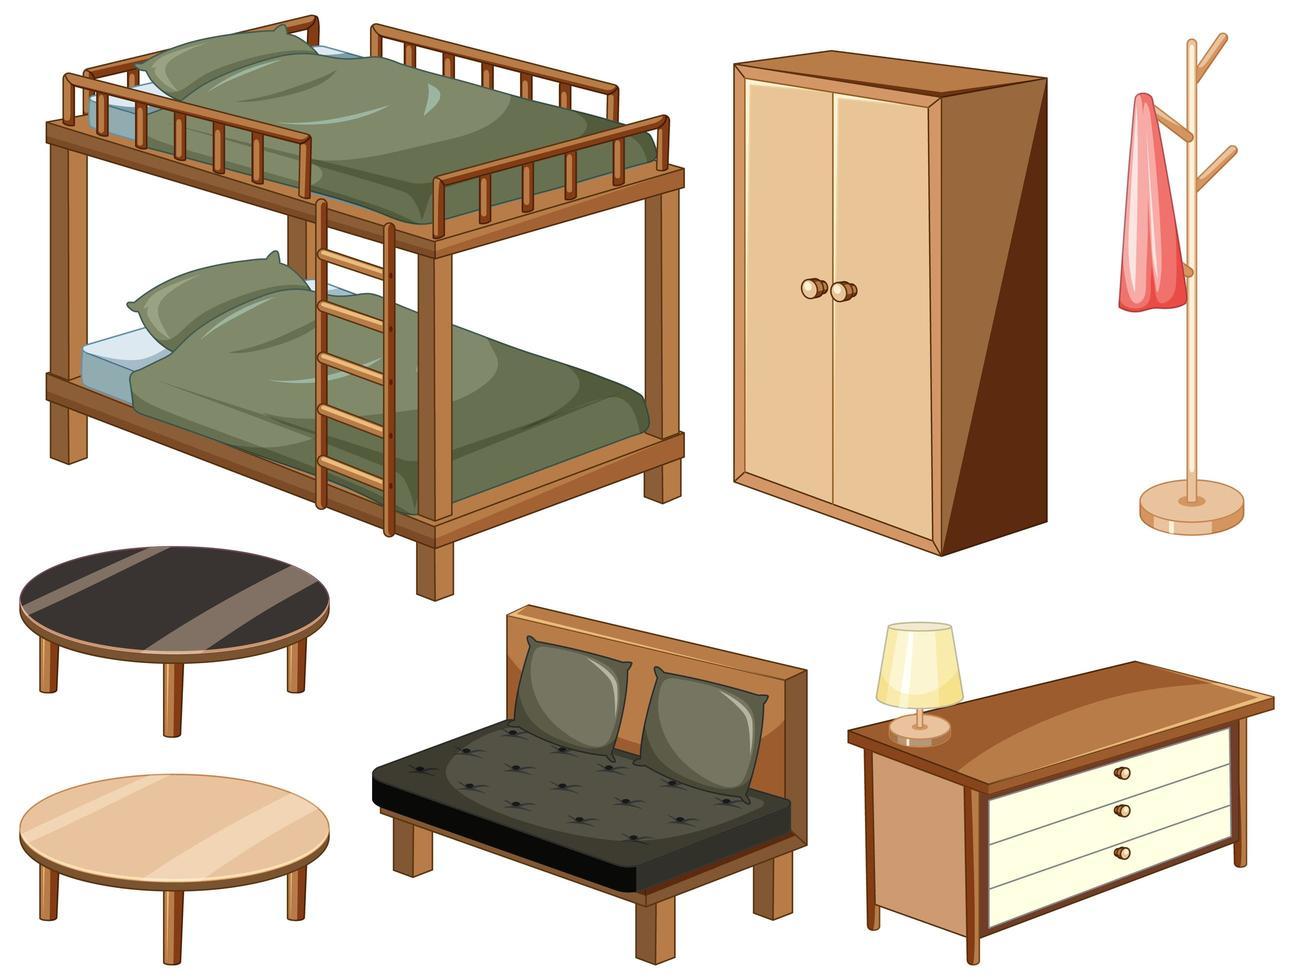 oggetti di mobili camera da letto isolati su priorità bassa bianca vettore